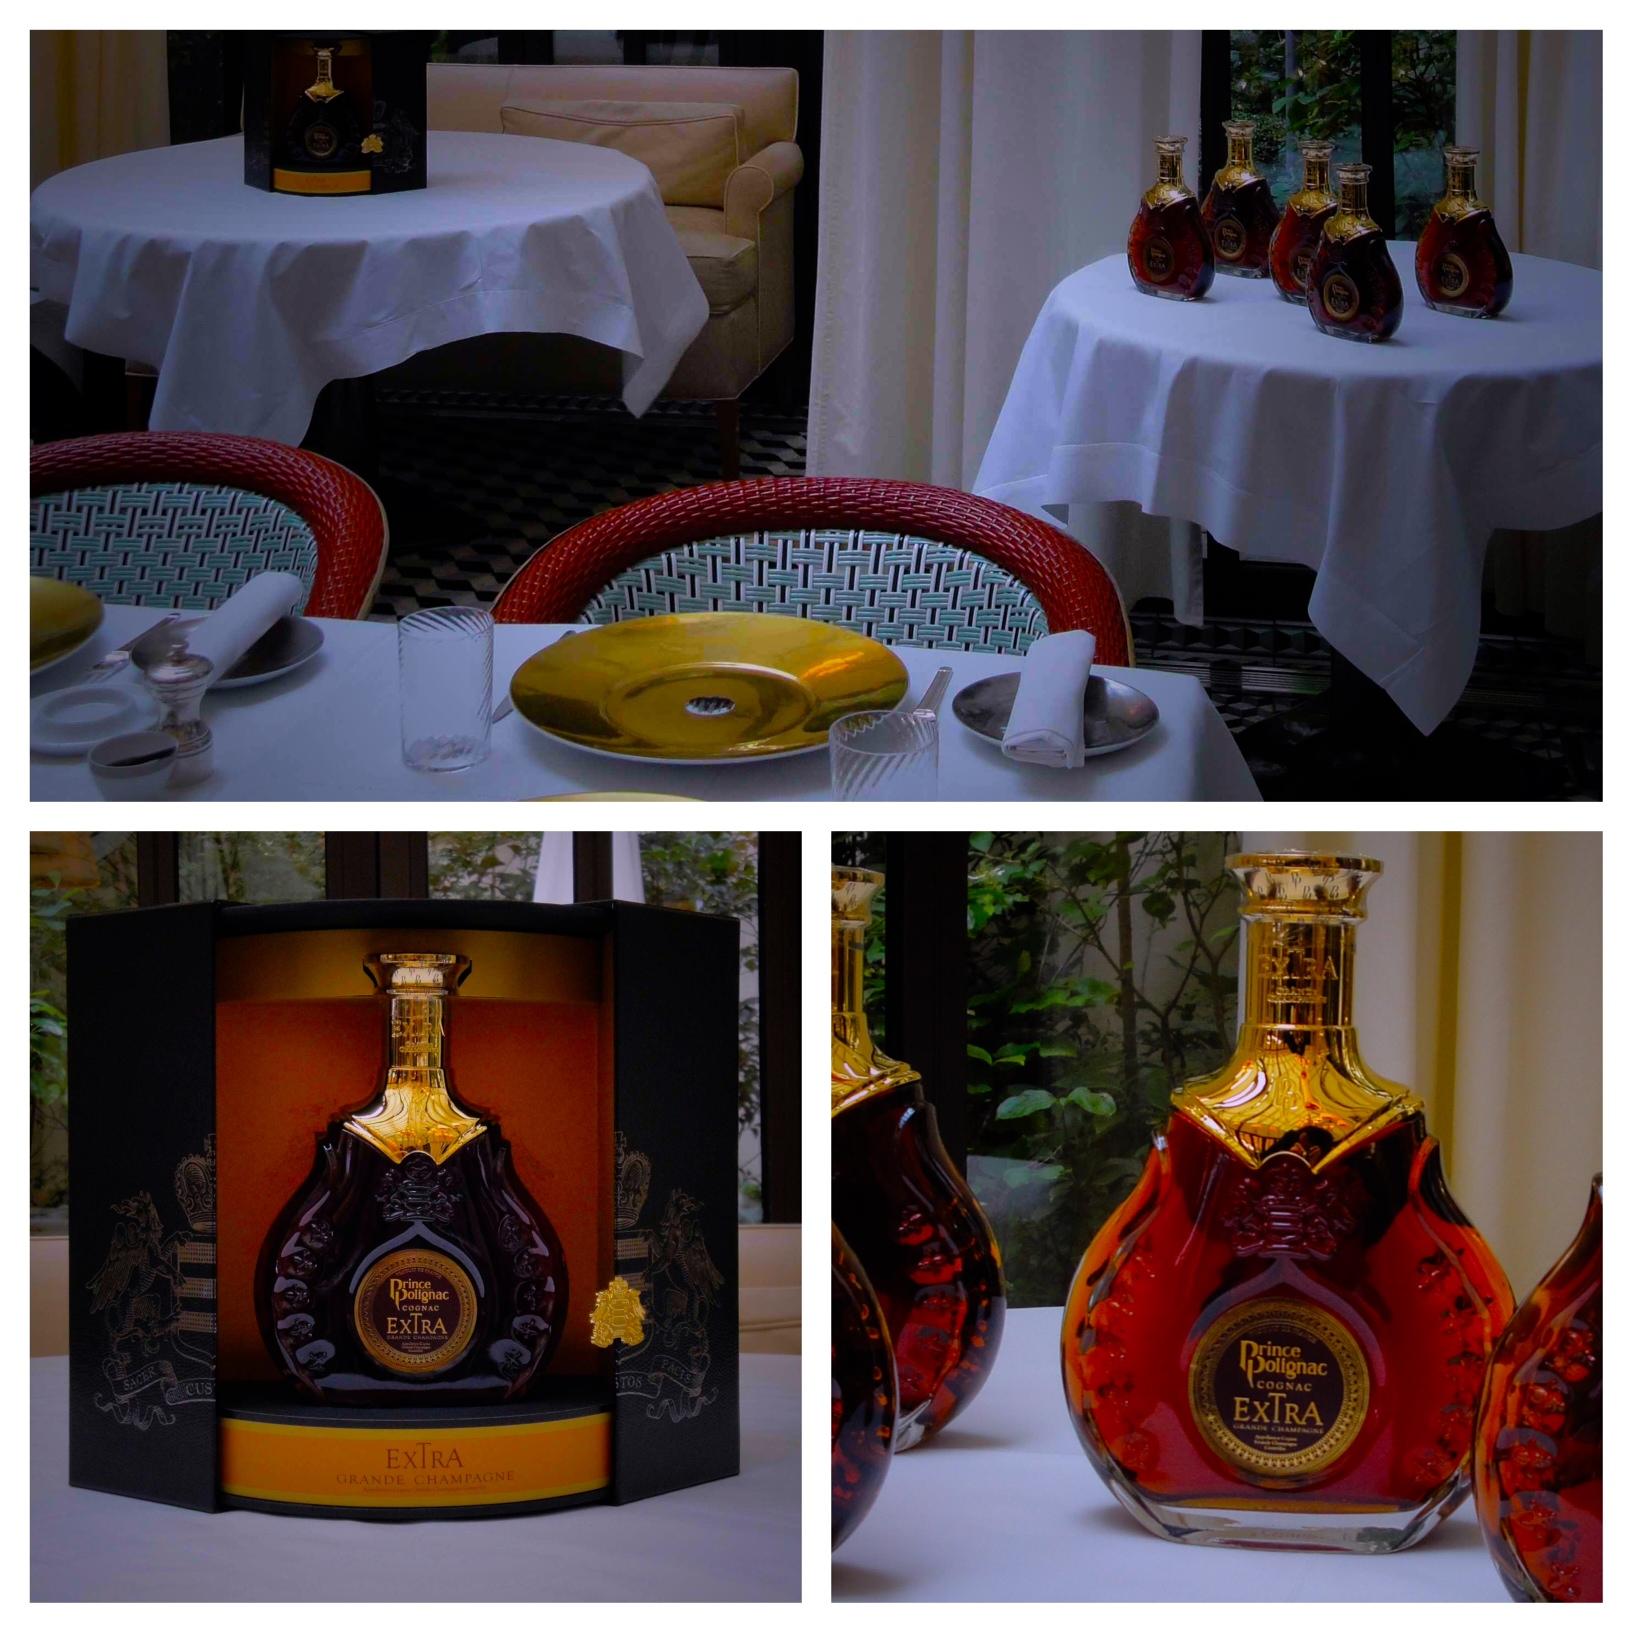 New Cognac: Prince Hubert de Polignac Extra XO Cognac Launched